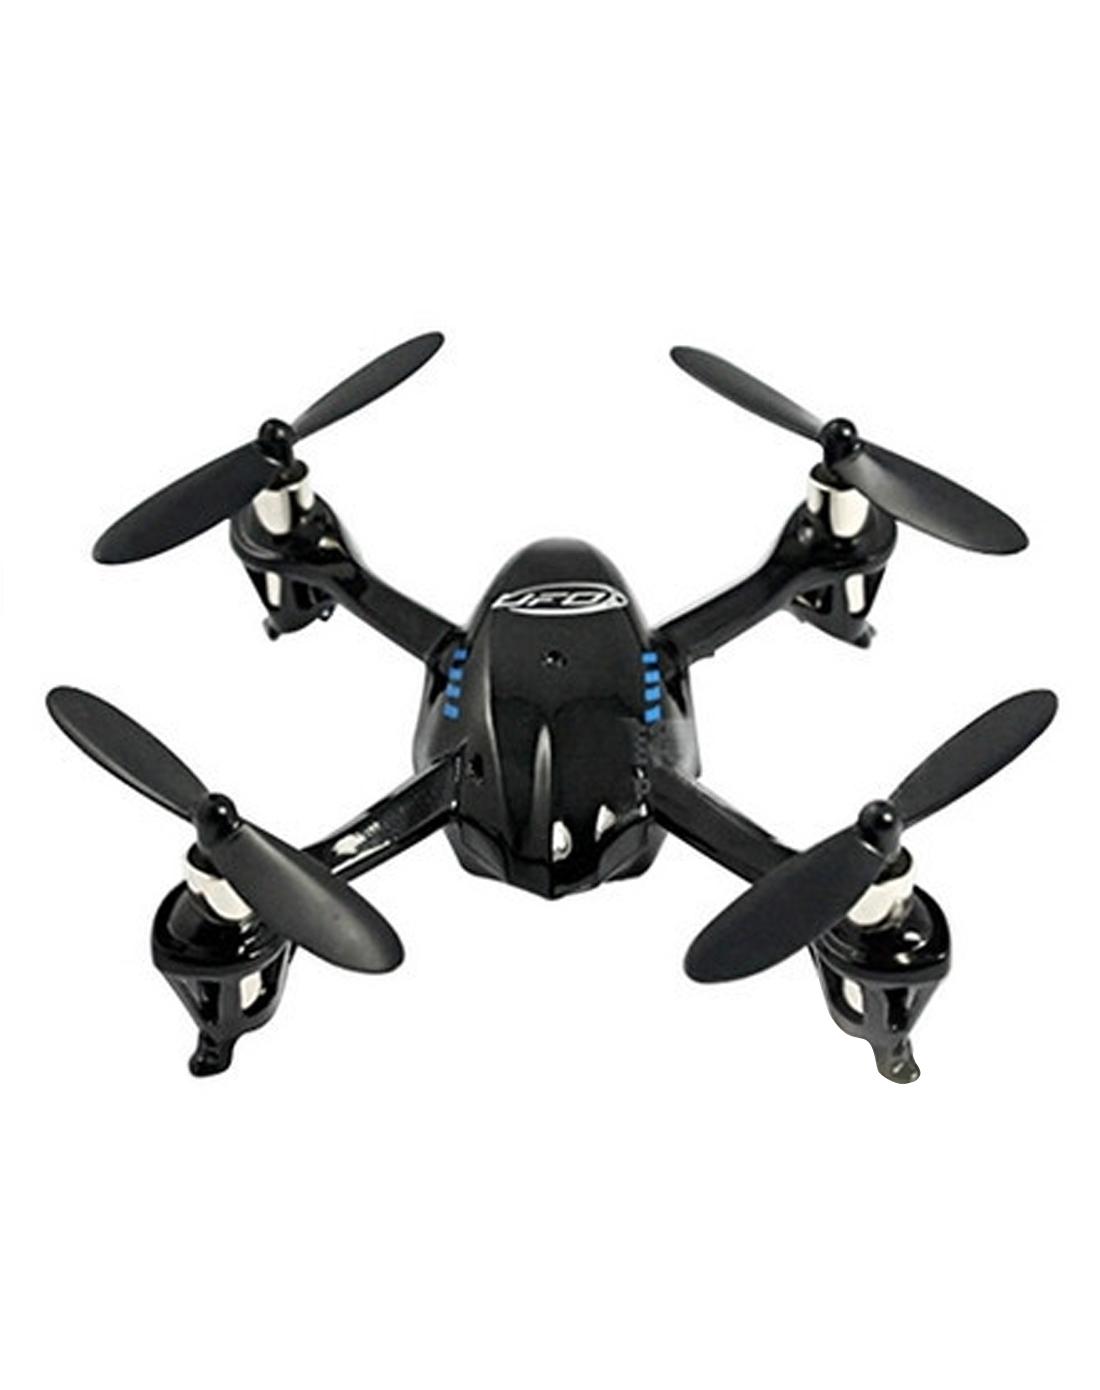 遥控玩具雅得 四轴飞行器可4d翻滚儿童玩具遥控飞机